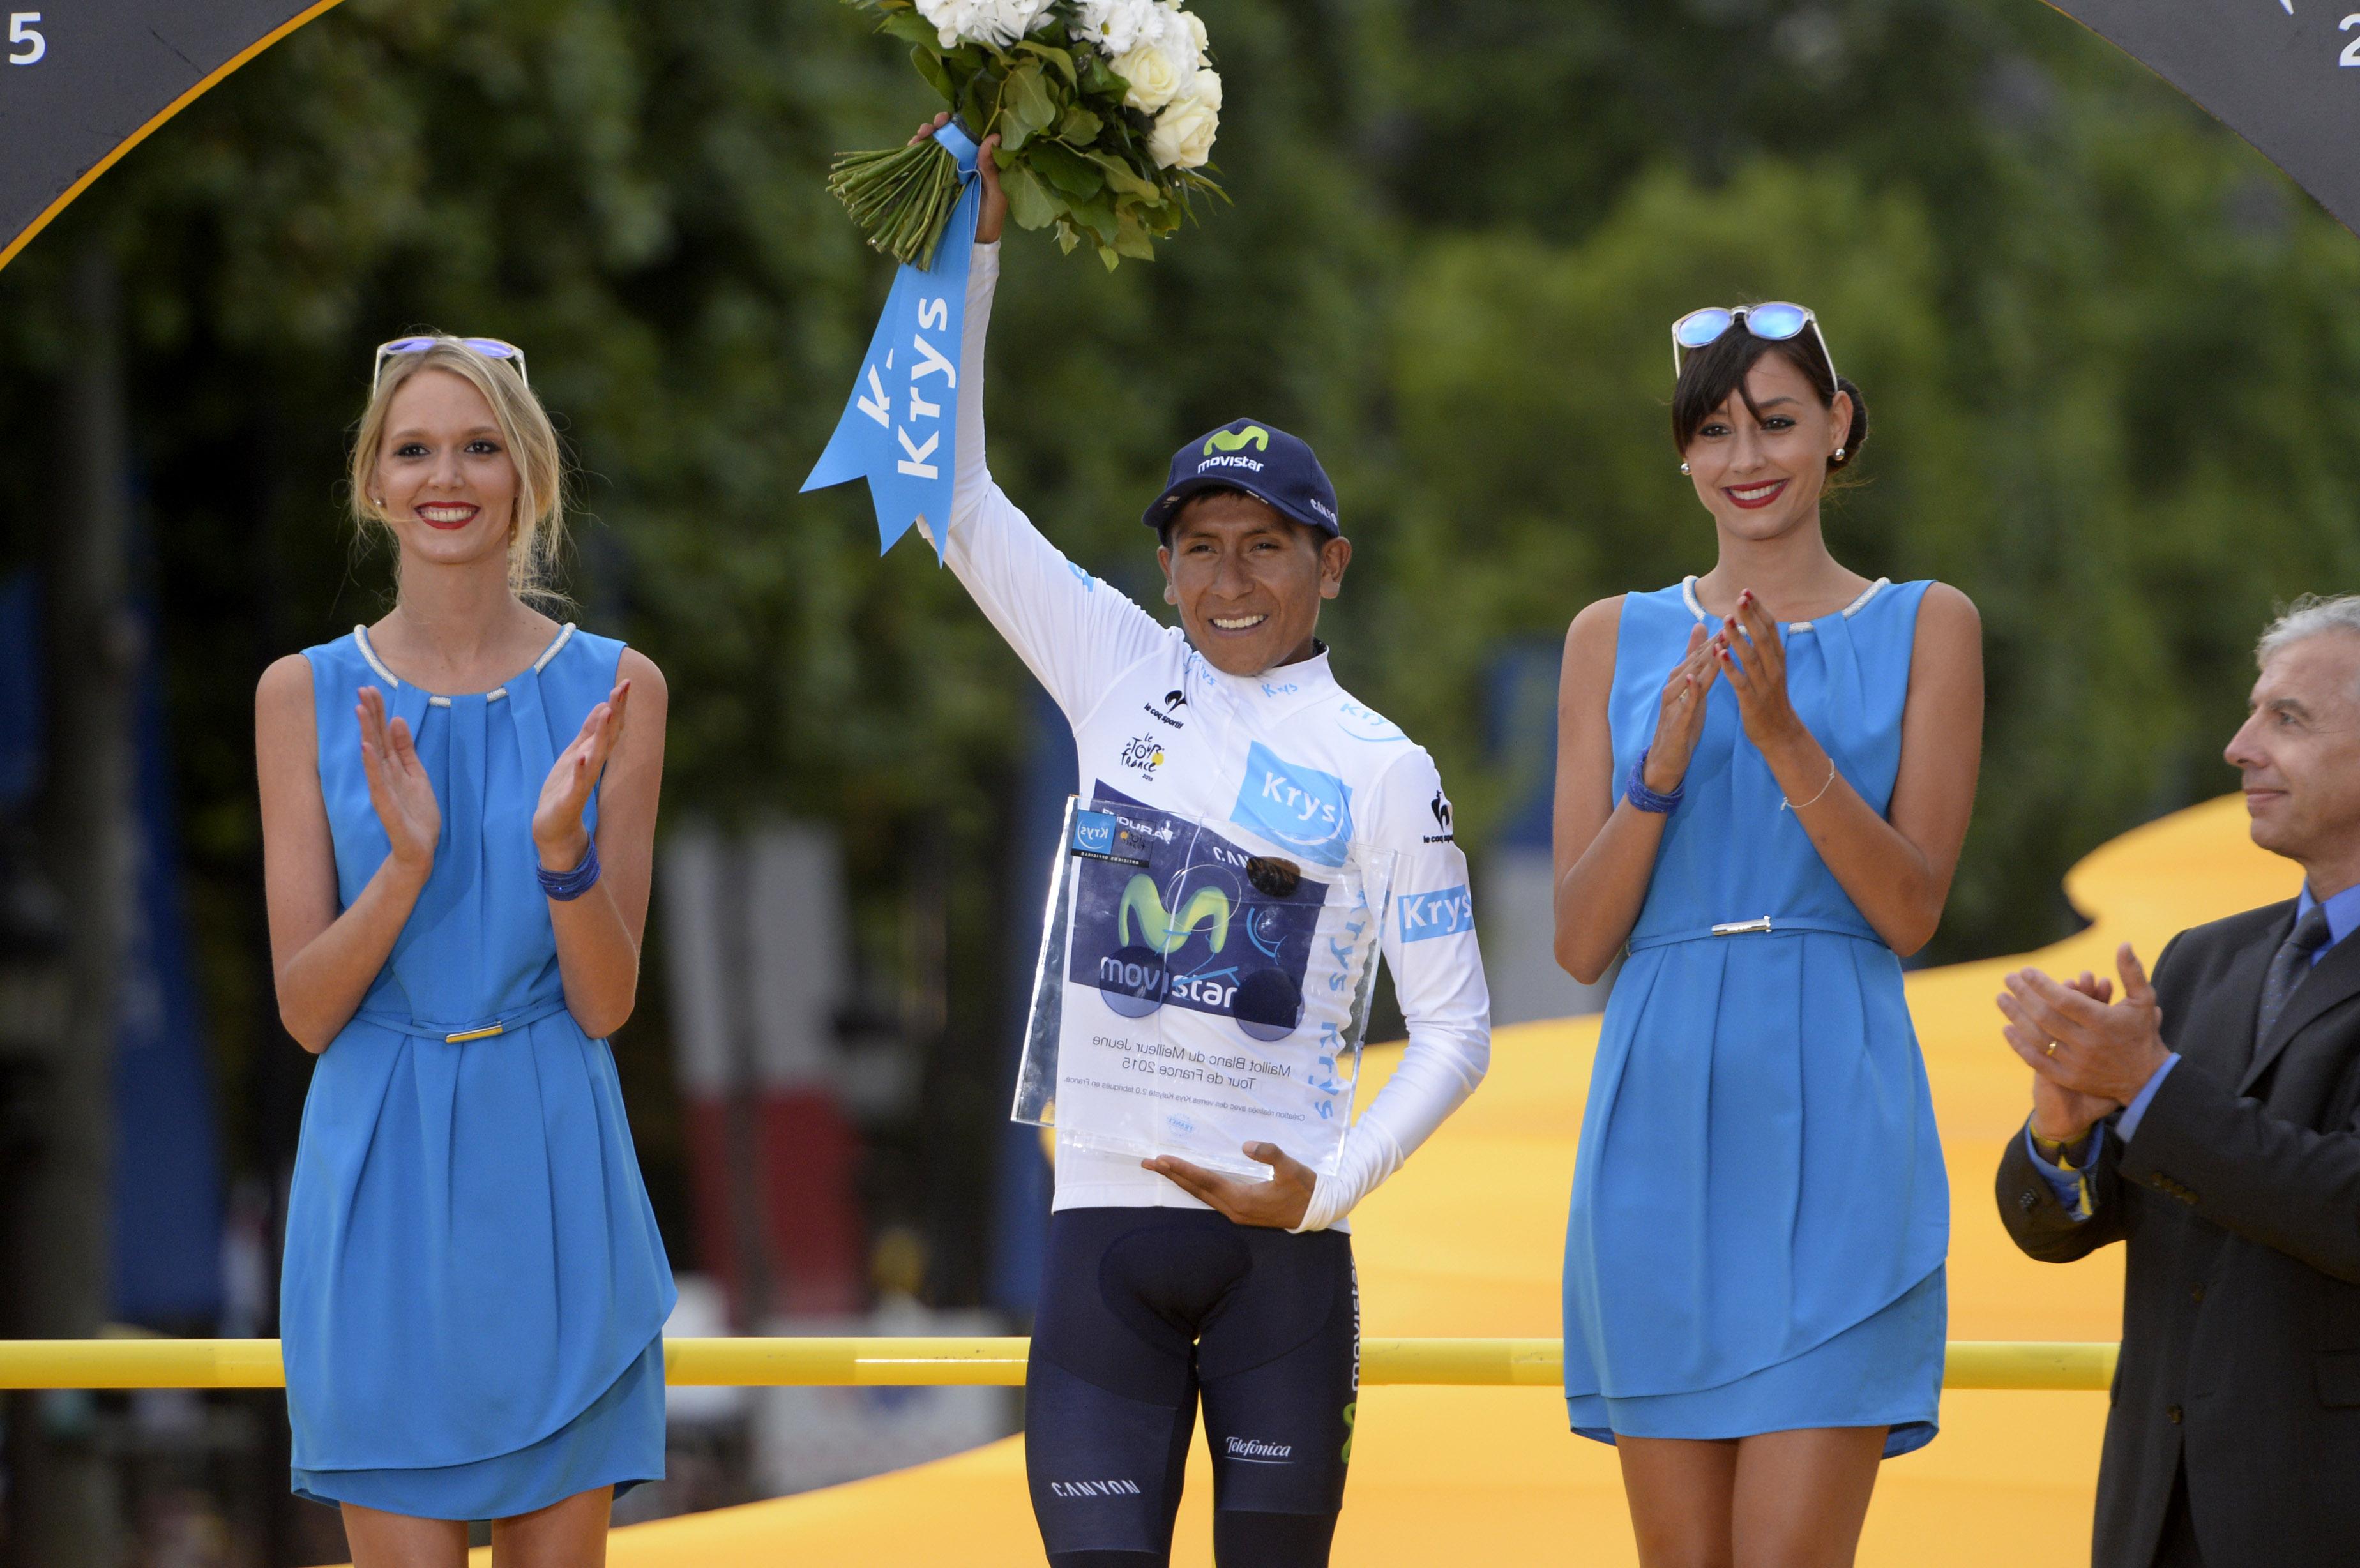 Nairo Quintana hat die Nachwuchswertung der Tour de France 2015 und den 2. Platz der Gesamtwertung gewonnen bzw. eingefahren. (pic: Sirotti)